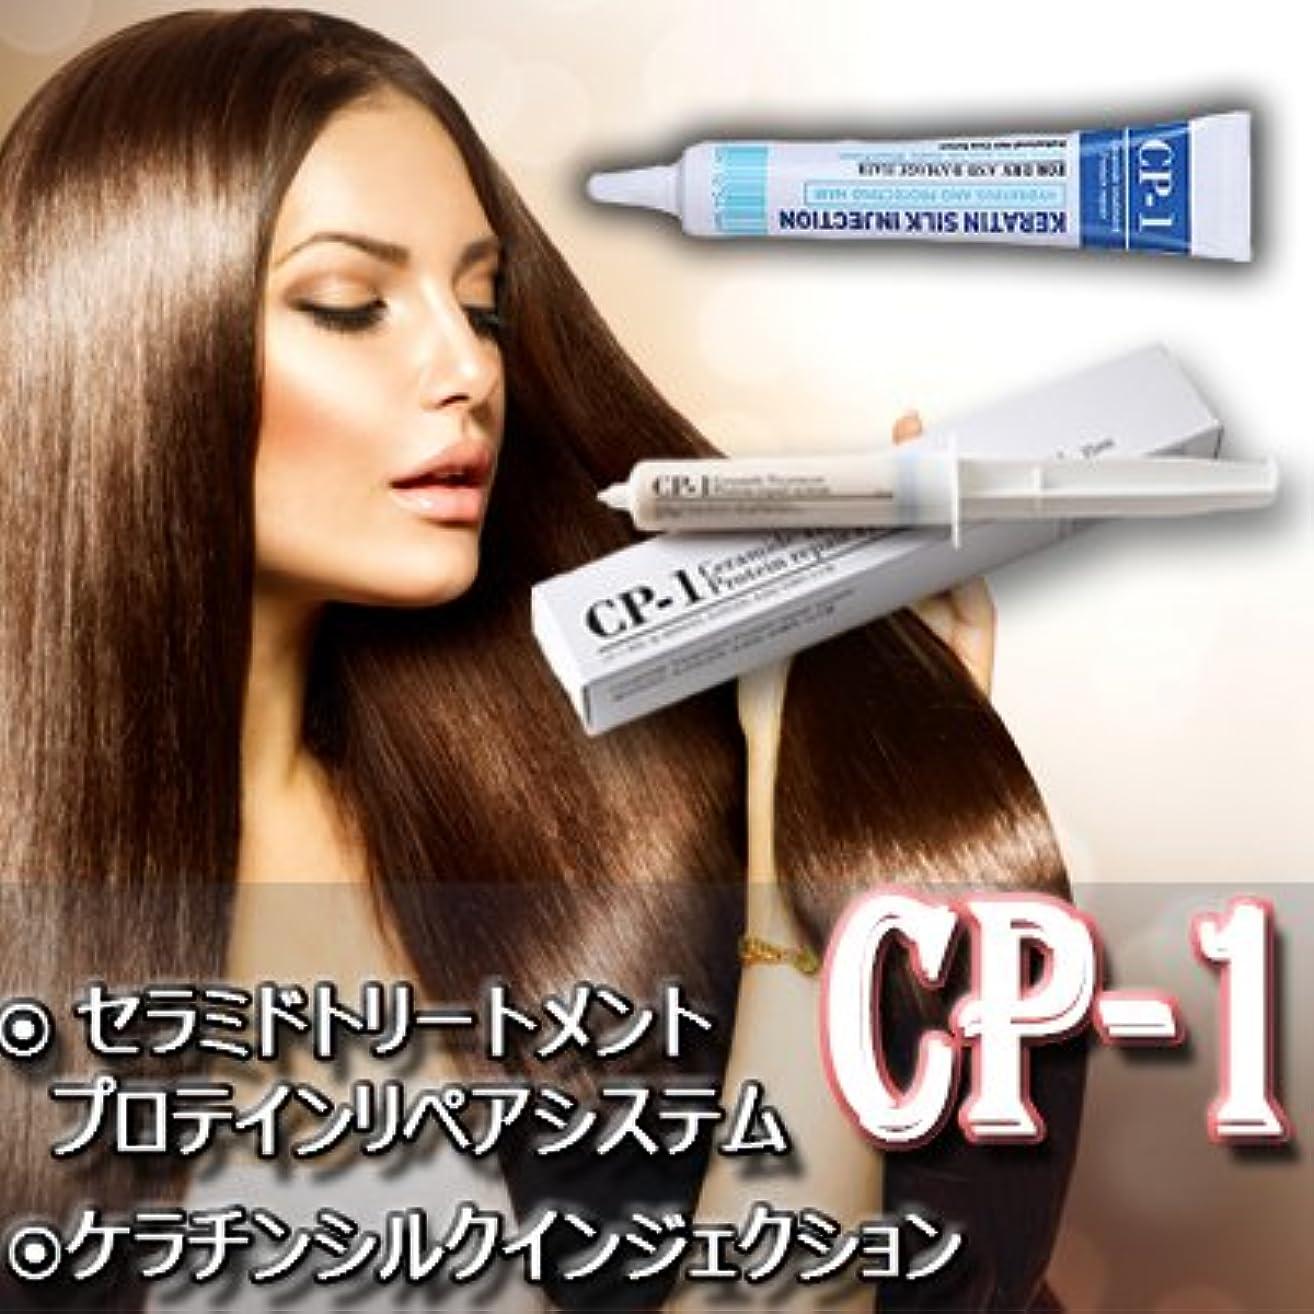 慣性おびえたシャイニング[CP-1 Keratin 10pcs 1タンパク質アンプル] 洗いながすことなく塗るだけOK!毎日使用してください!【10個入り】